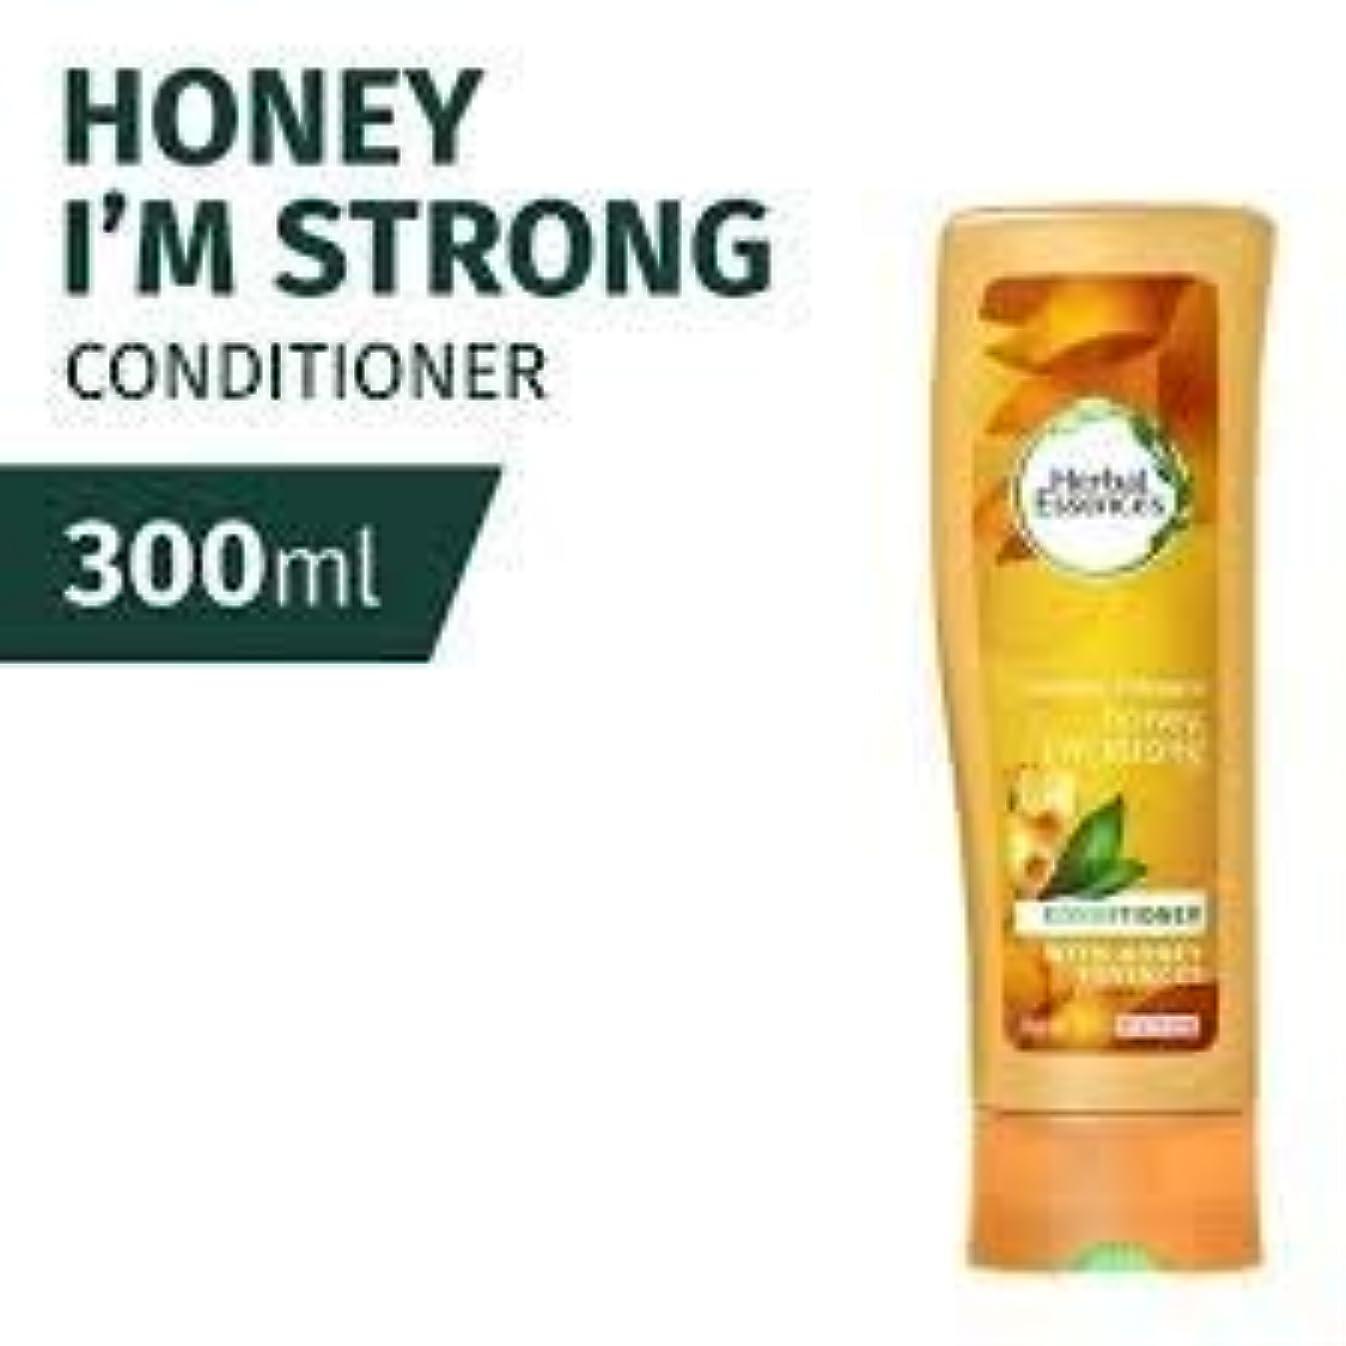 素晴らしさトランジスタ談話CLAIROL HERBAL ESSENCES ハニーは、私は強いコンディショナー300ミリリットルのだ - それを甘いパワーを与えて、蜂蜜の風味が豊かでクリーミーな風味は保湿が髪を修復混合して